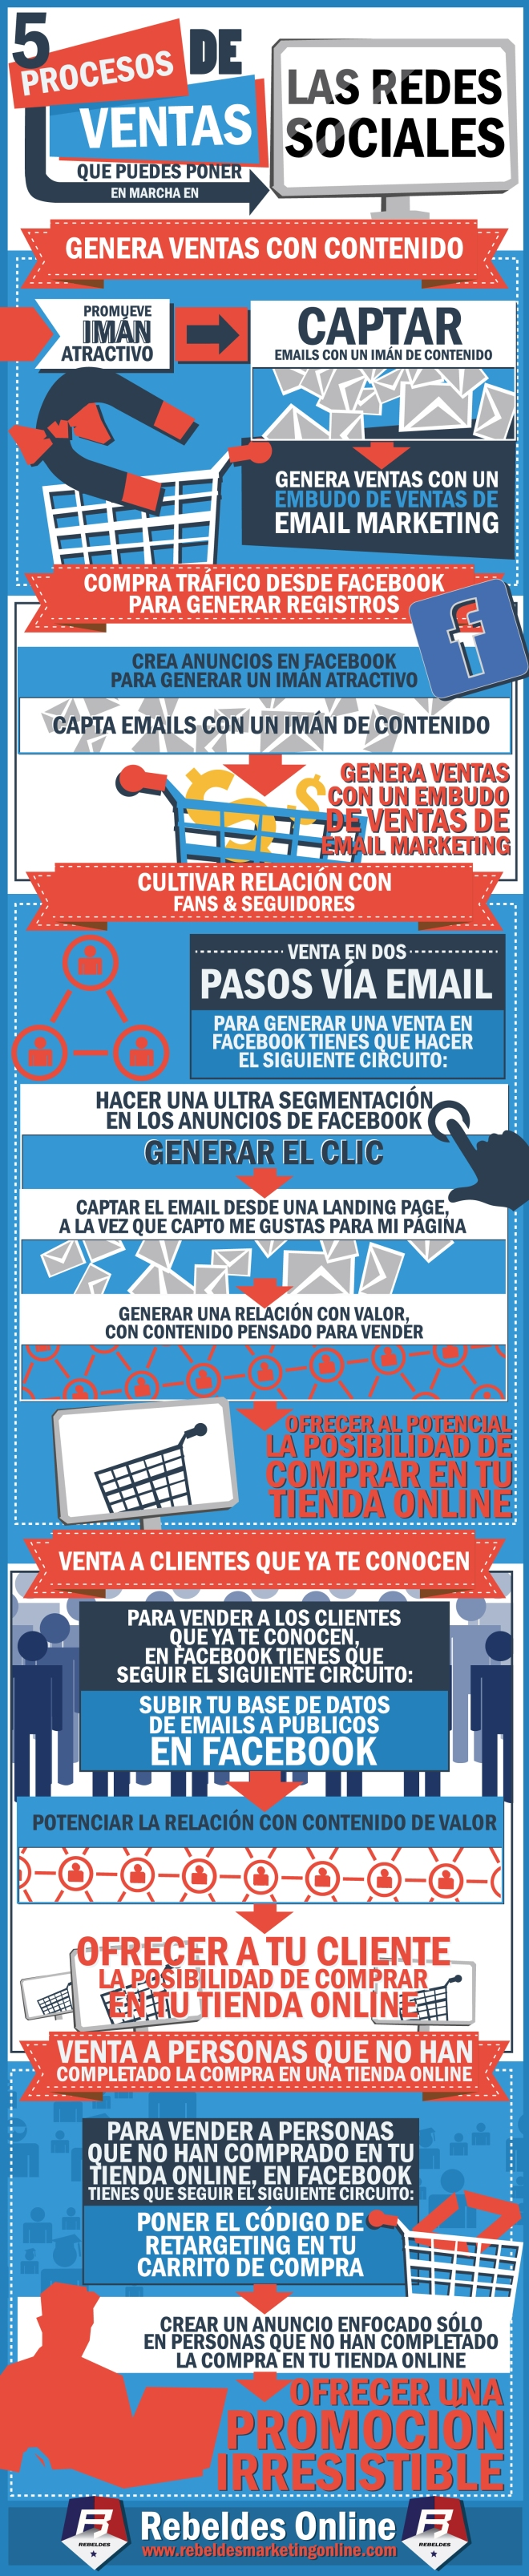 5 procesos de ventas para las Redes Sociales